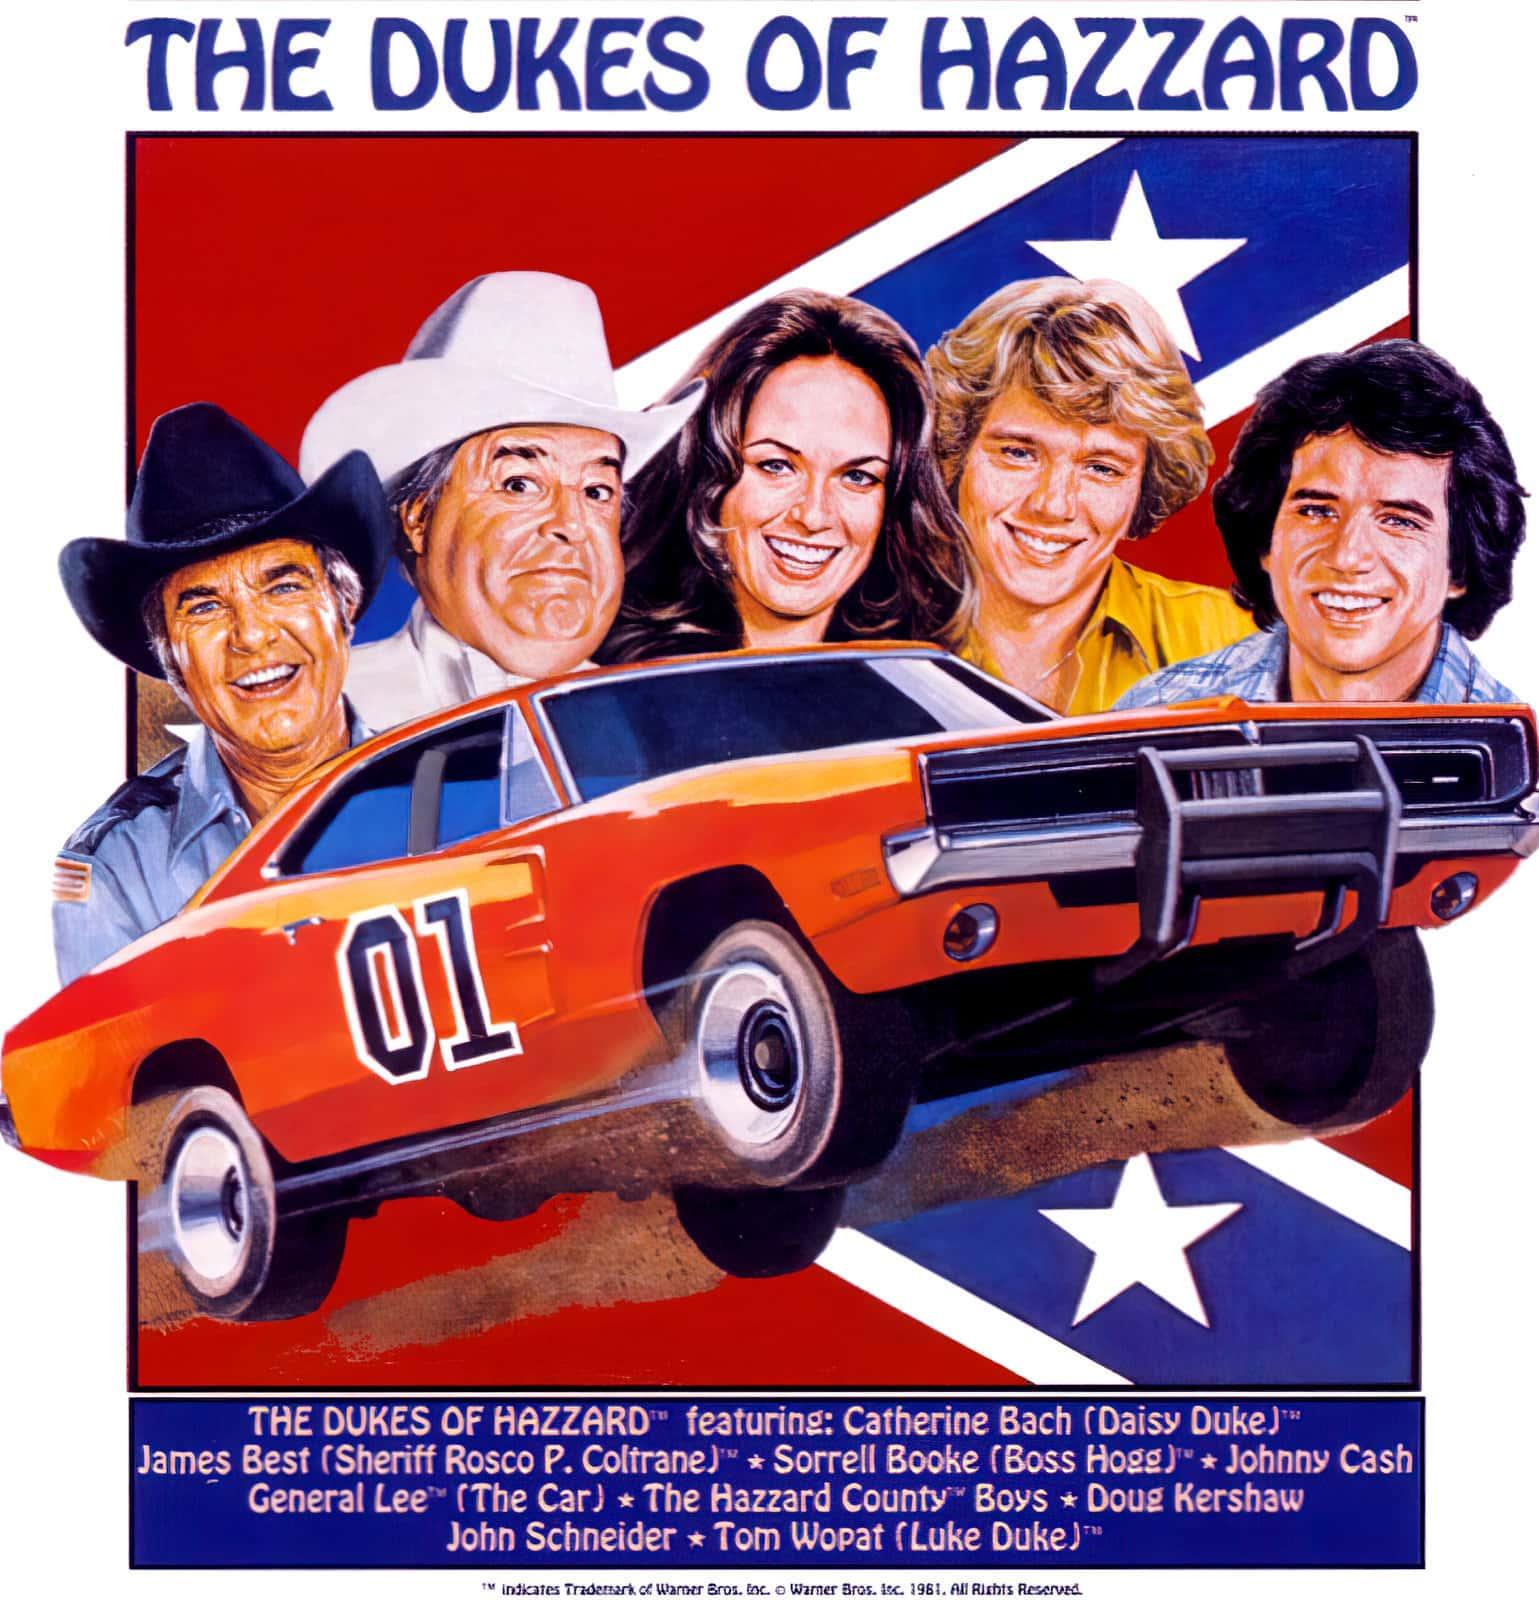 Dukes of Hazzard soundtrack